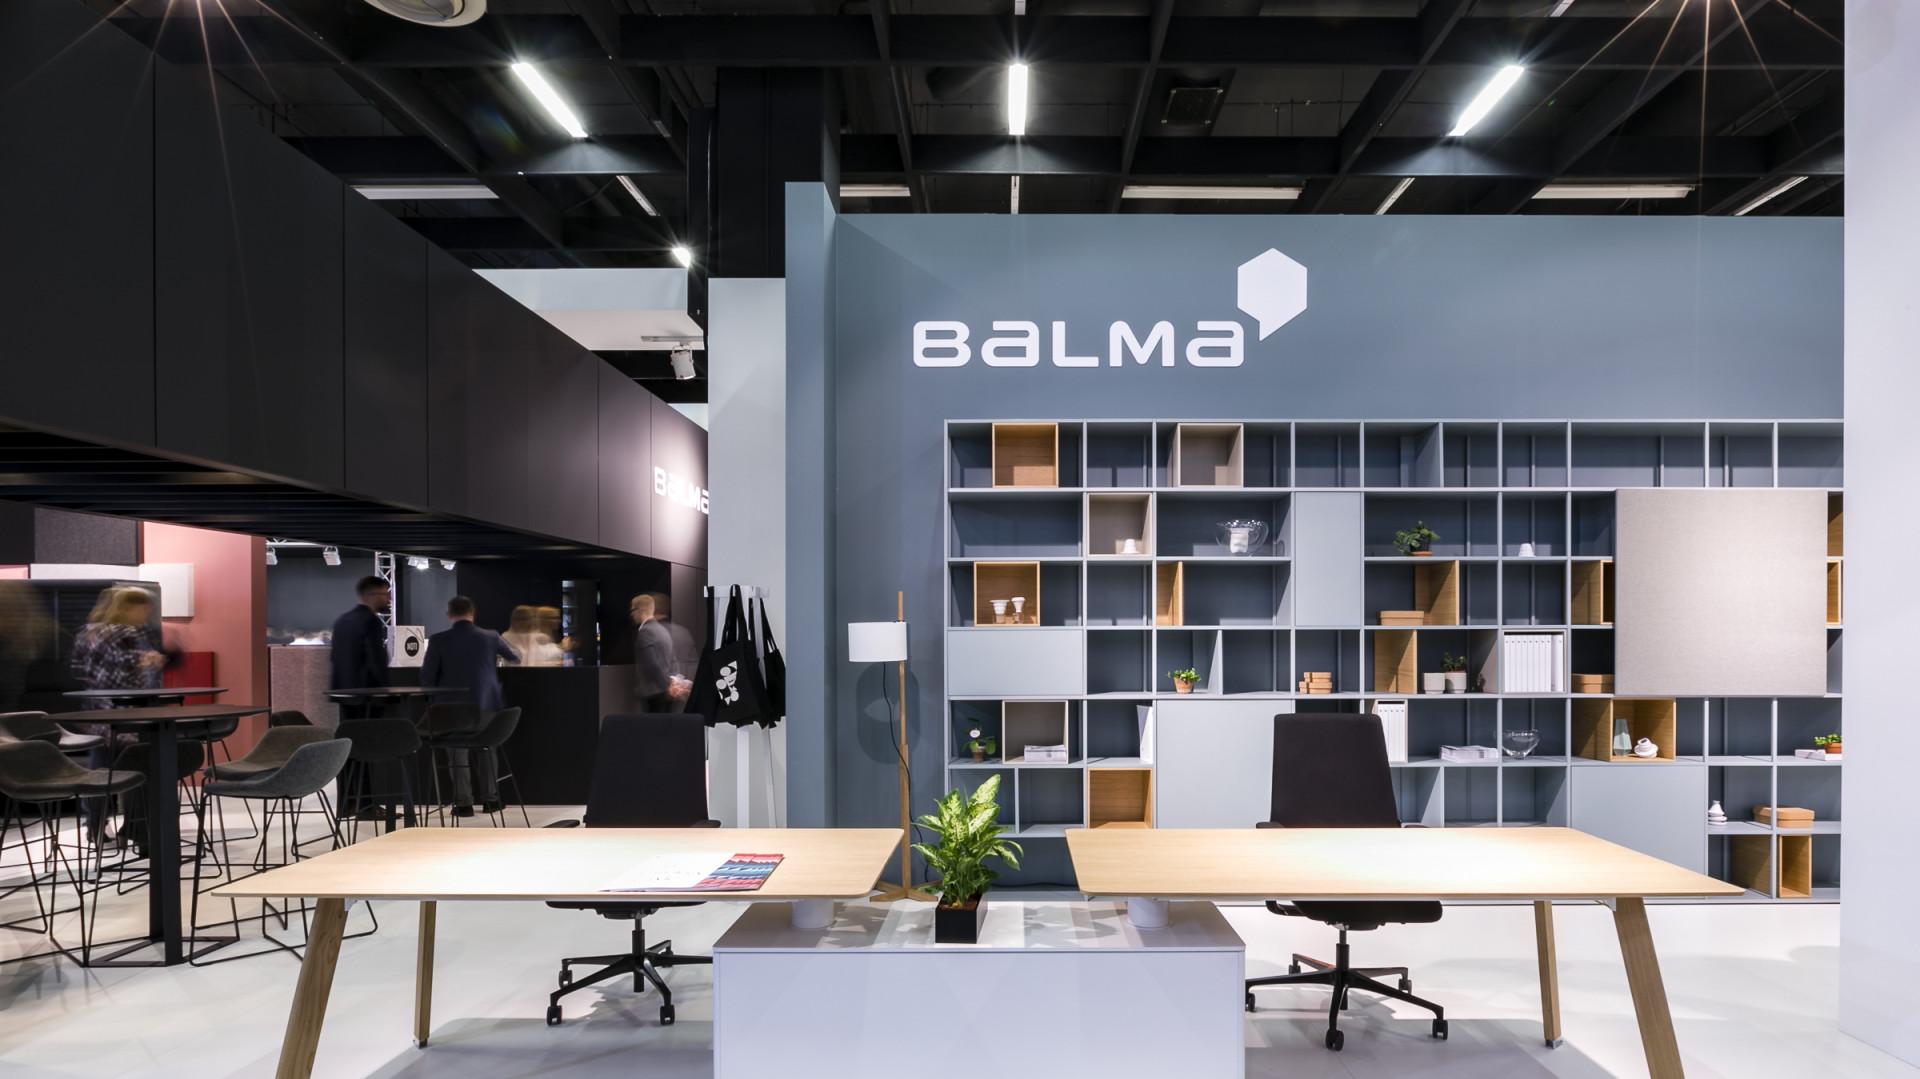 Zobacz, co pokazała firma Balma na targach